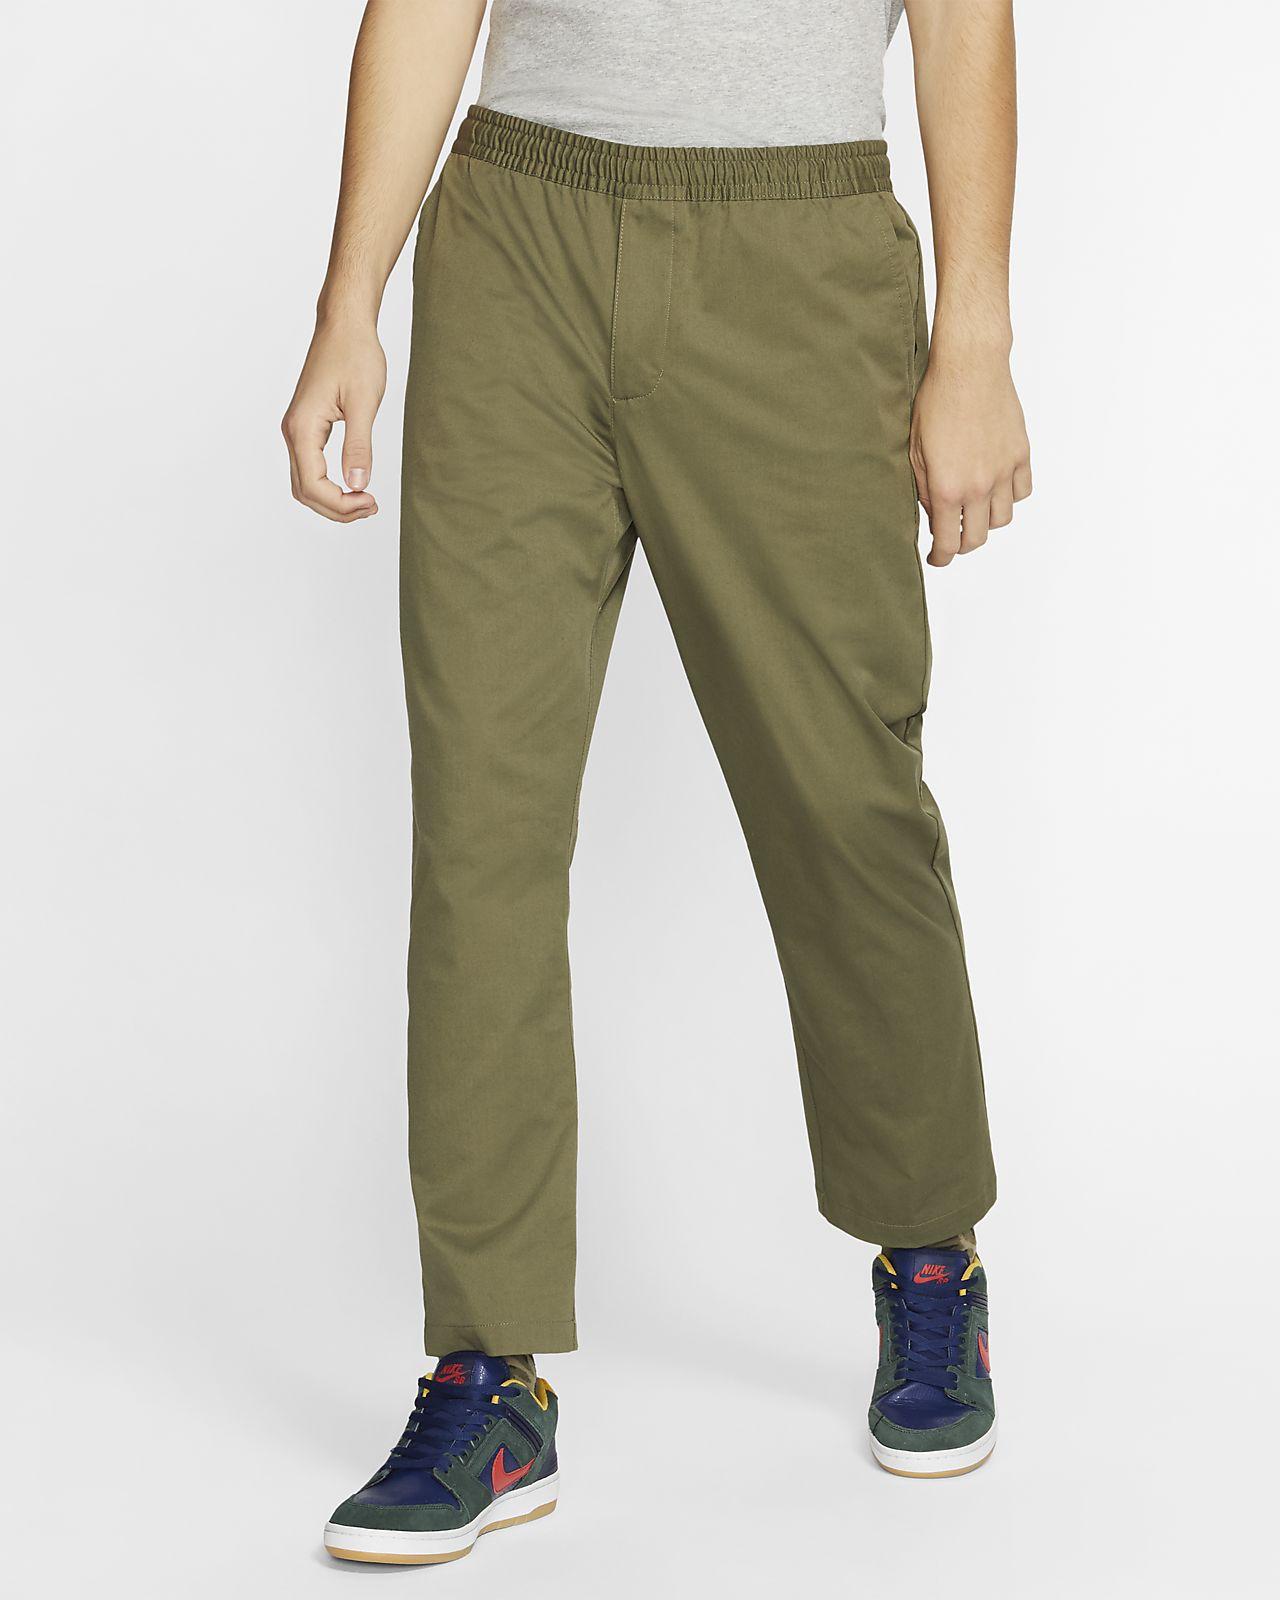 Pullover Nike Sportswear 581386 In Grau Damen 08mnwPyvON